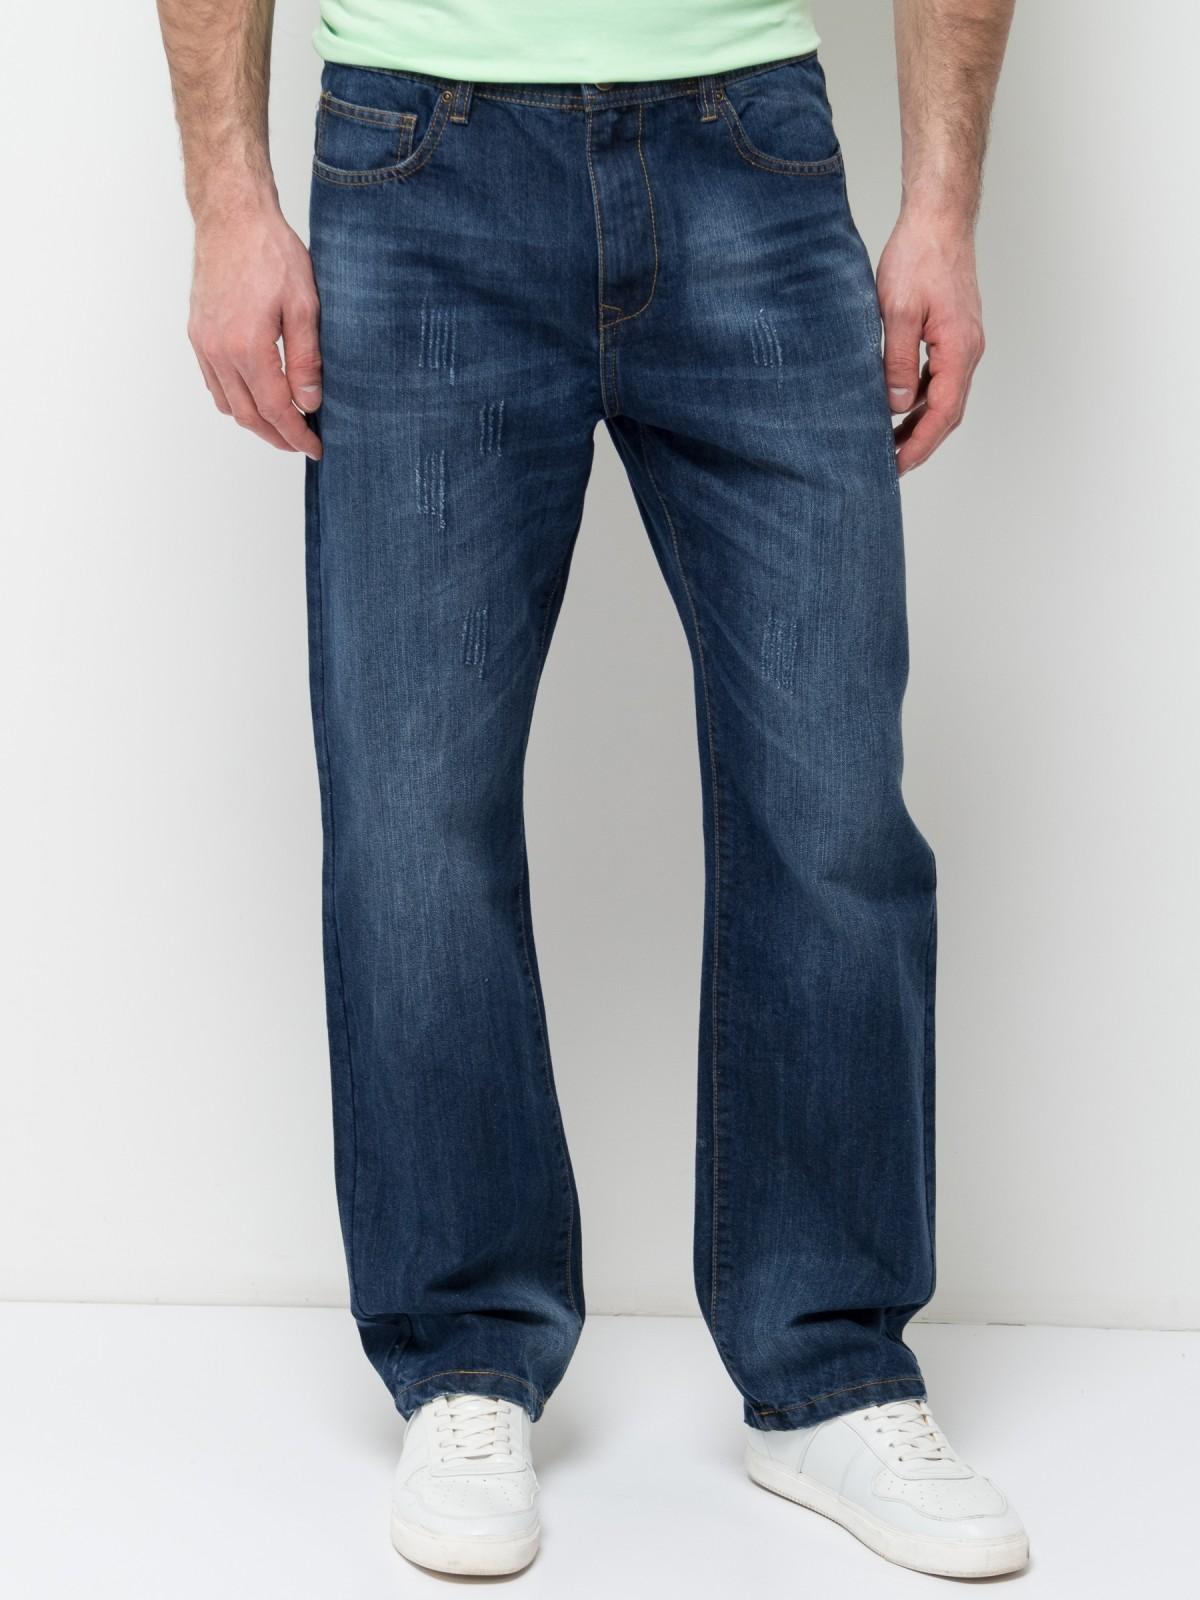 Джинсы мужские Sela Denim, цвет: синий джинс. PJ-235/1082-7253. Размер 32-34 (48-34)PJ-235/1082-7253Стильные мужские джинсы Sela, изготовленные из качественного хлопкового материала с потертостями, станут отличным дополнением гардероба. Джинсы прямого кроя и стандартной посадки на талии застегиваются на застежку-молнию и пуговицу. На поясе имеются шлевки для ремня. Модель представляет собой классическую пятикарманку: два втачных и накладной карманы спереди и два накладных кармана сзади.